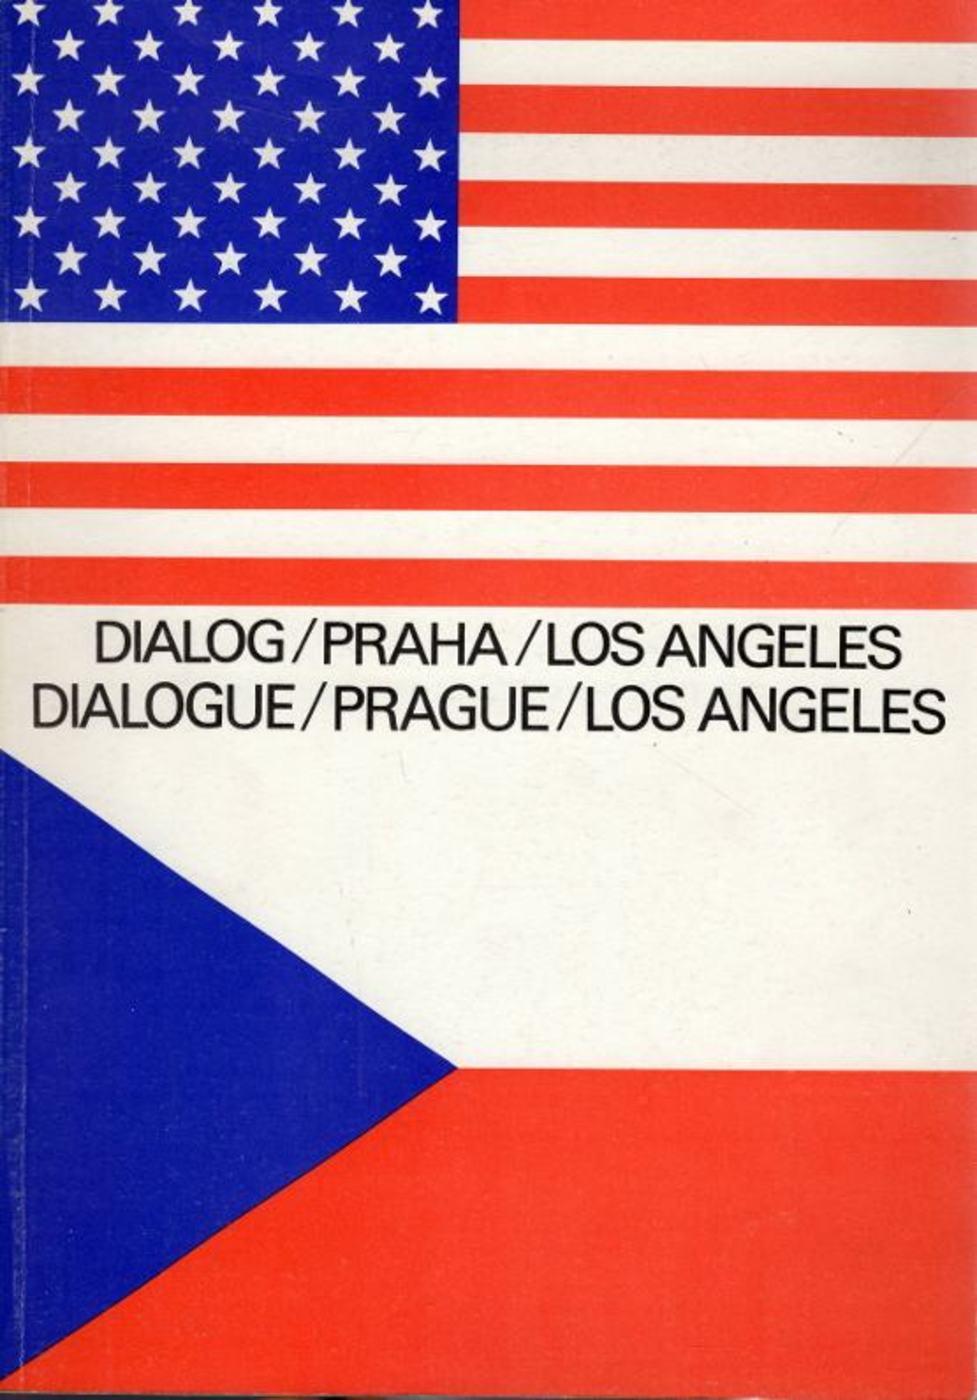 Dialogueprague